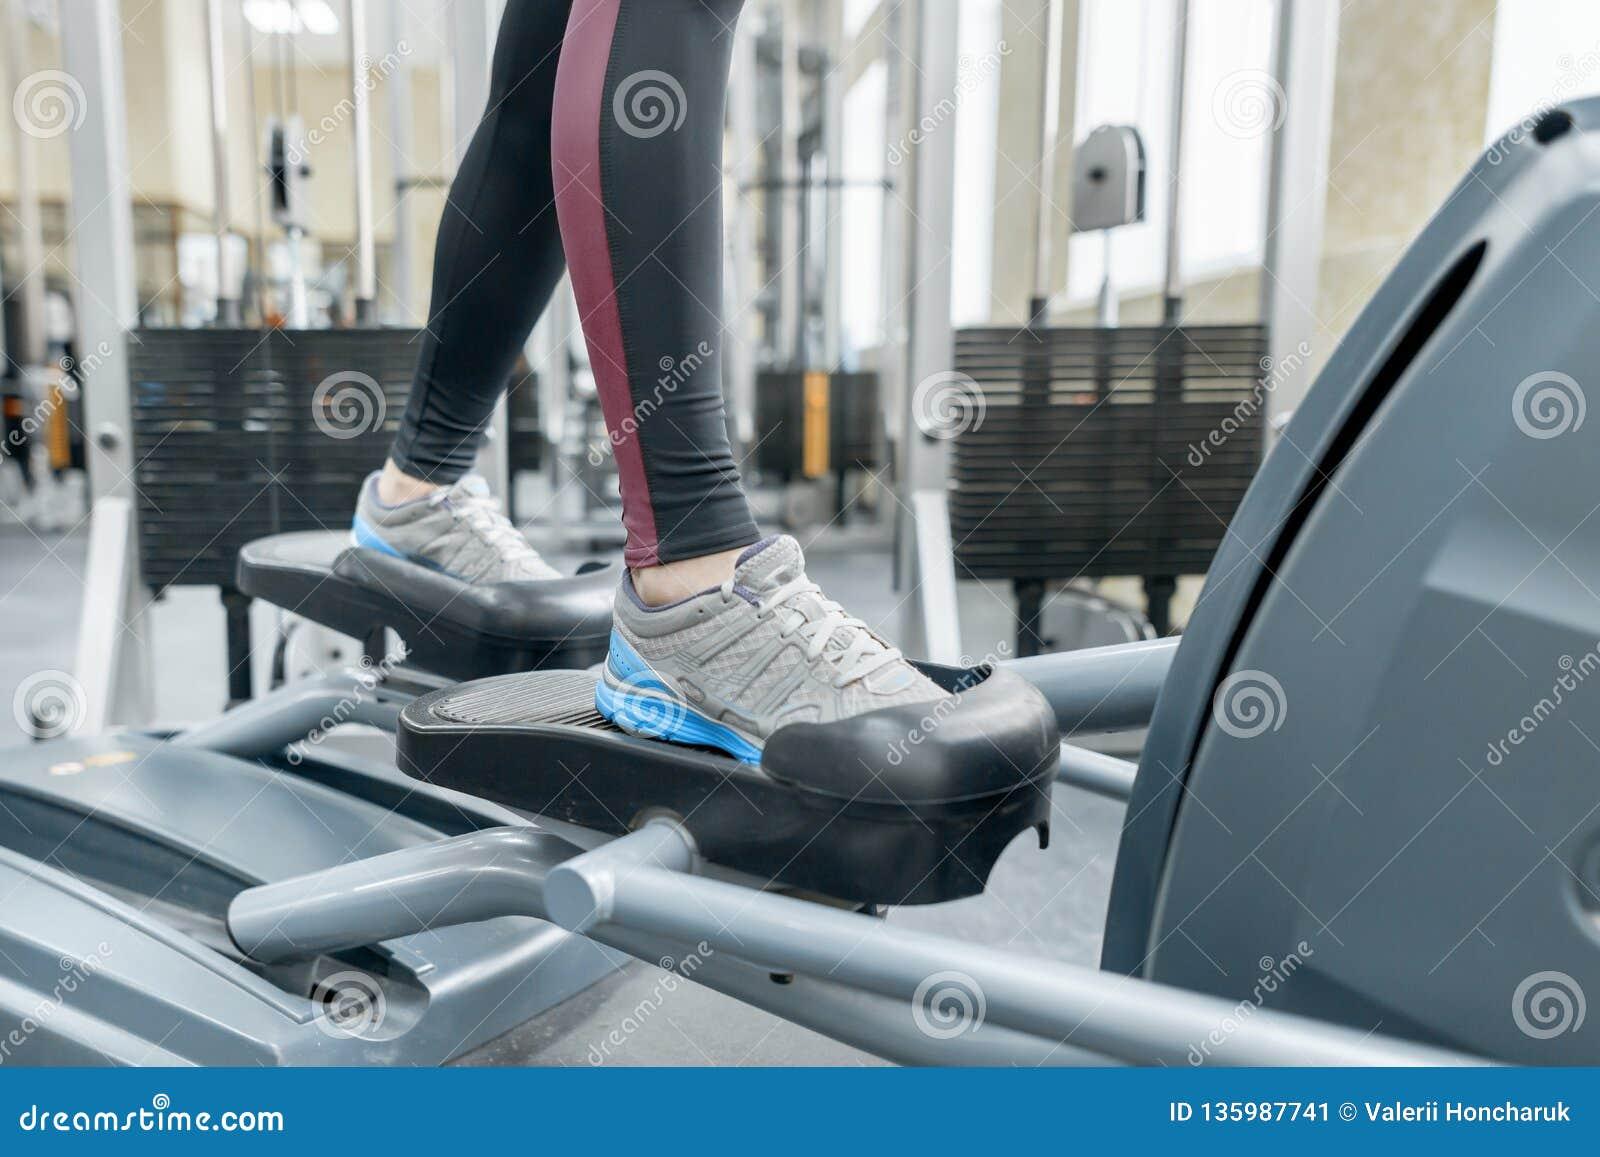 Zbliżenie kobieta cieki biega na karuzeli w gym Sprawność fizyczna, sport, szkolenie, ludzie pojęć